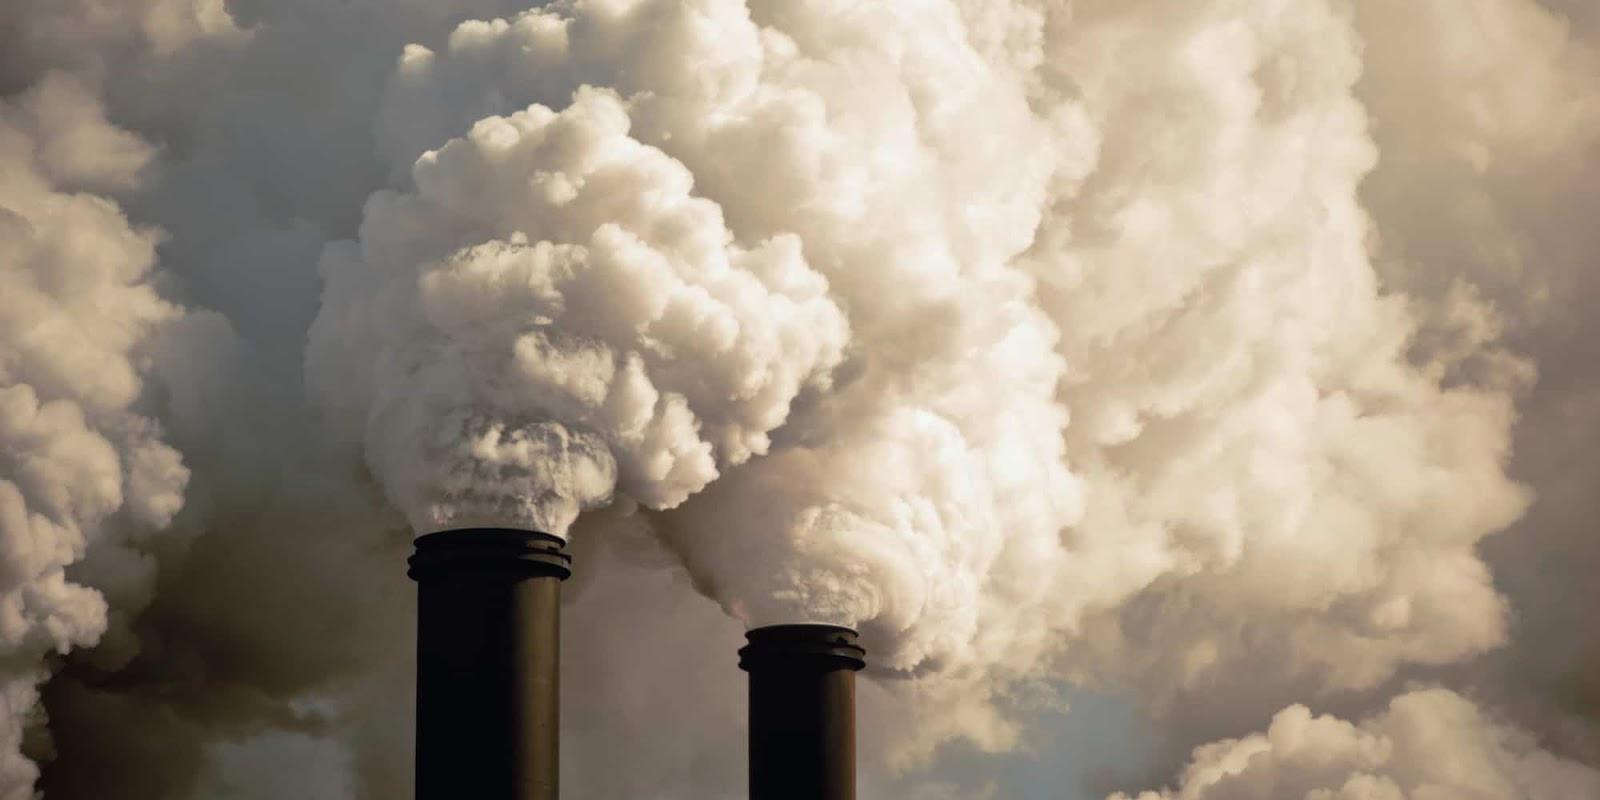 مصادر التلوث الحراري وتأثيره على الكائنات الحية